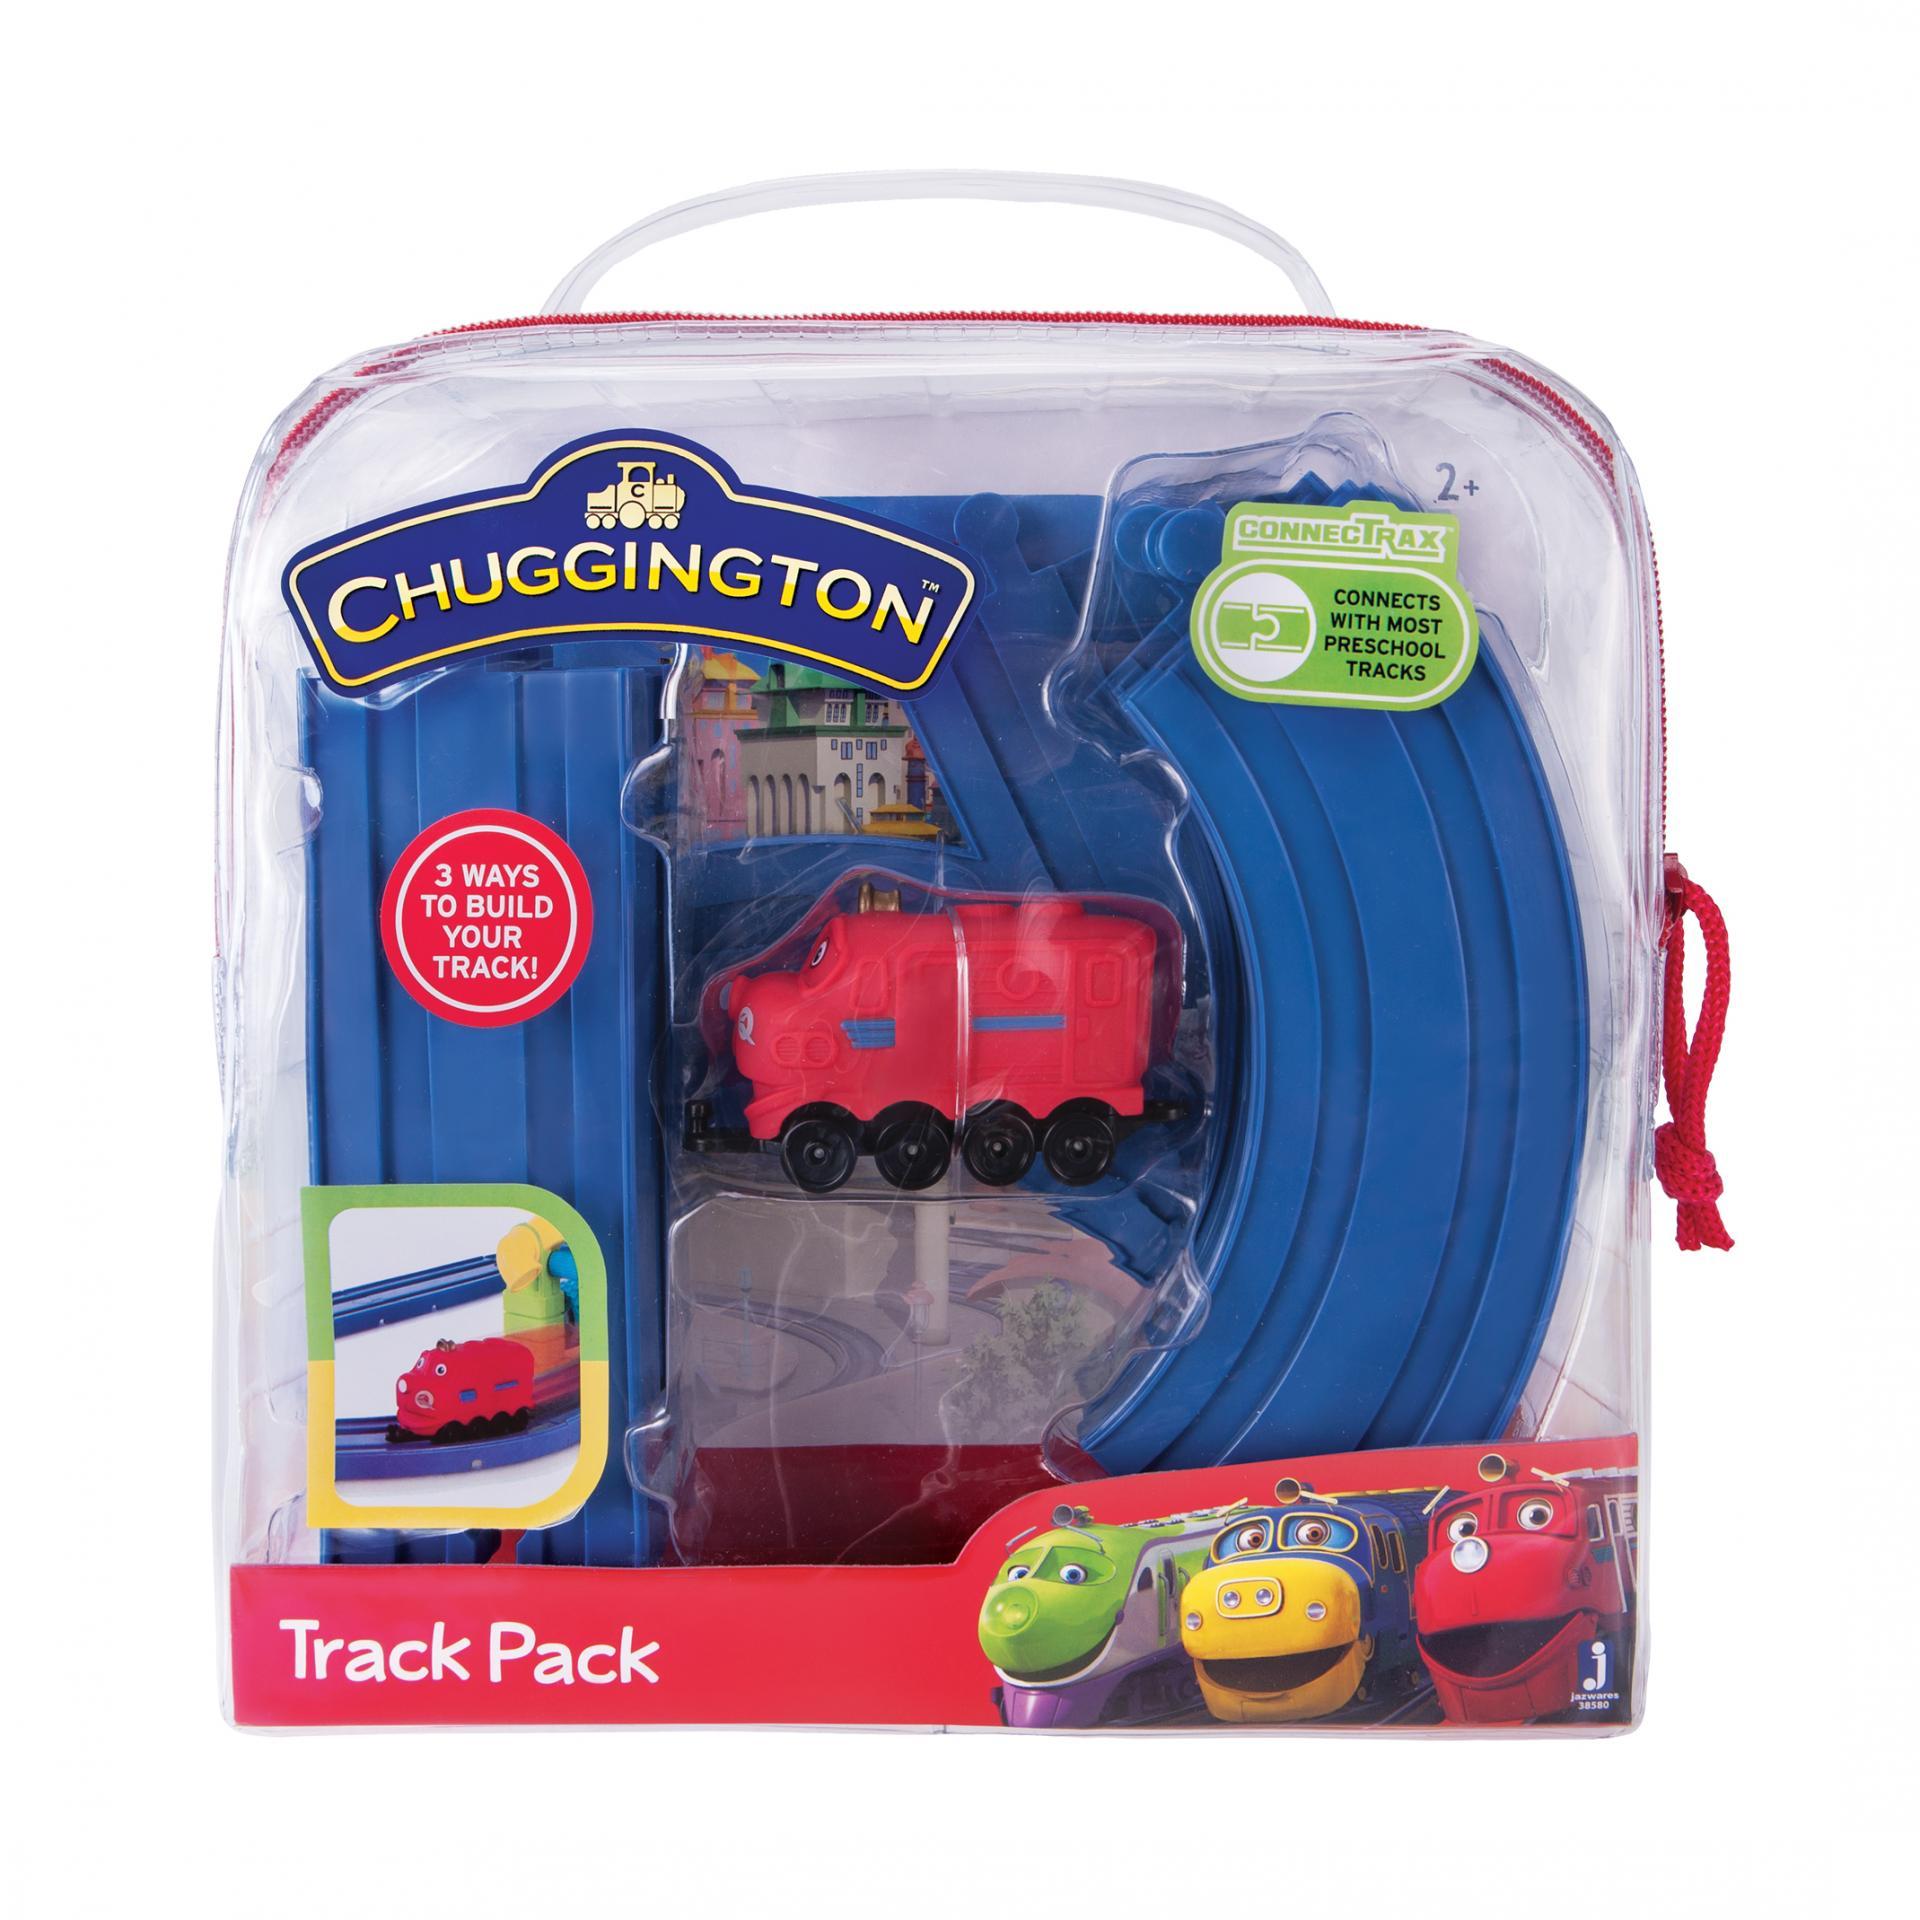 CHUGGINGTON Игровой набор «Трак»Игровой набор Вилсон от производителя Chuggington - это чудесная многофункциональная конструкция для детей, которые любят строить своими руками. С помощью данной конструкции ребенок окунется в удивительный мир приключений. В комплекте представлены игрушечный паровозик, а также восемь деталей железной дороги, изготовленные из пластика. Такой игровой набор пополнит коллекцию ребенка и подарит веселое настроение всей семье.<br>